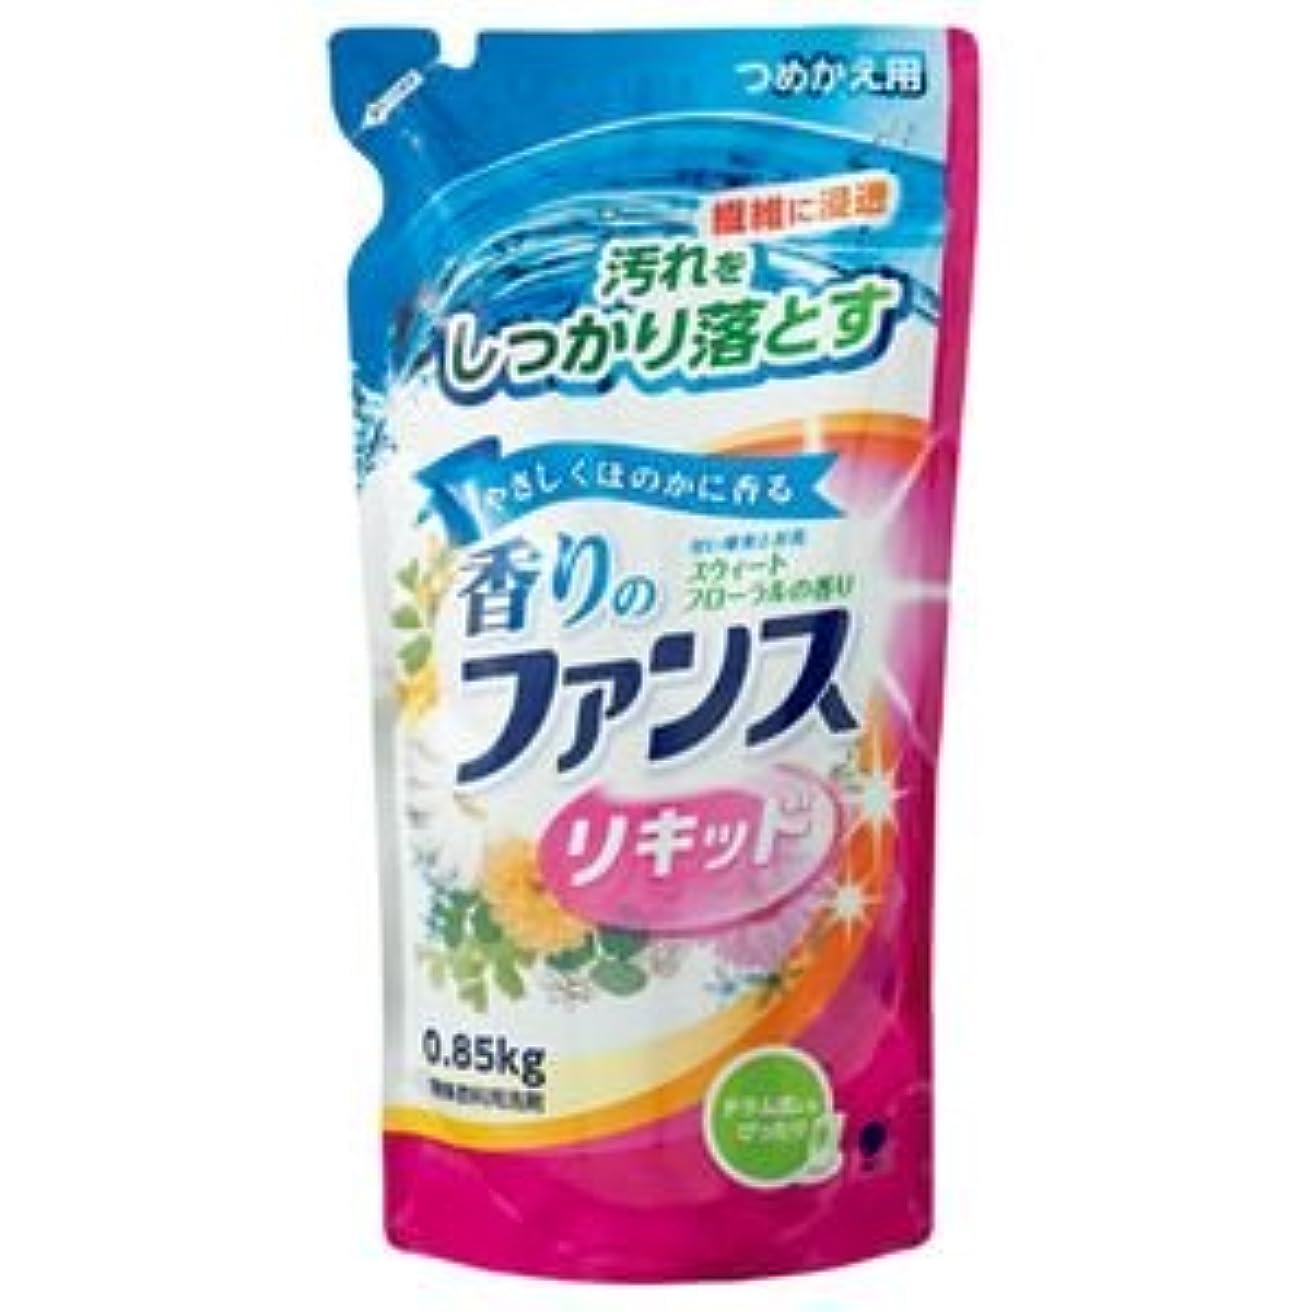 悪化させるボウリング夜(まとめ) 第一石鹸 香りのファンス 液体衣料用洗剤リキッド 詰替用 0.85kg 1個 【×15セット】